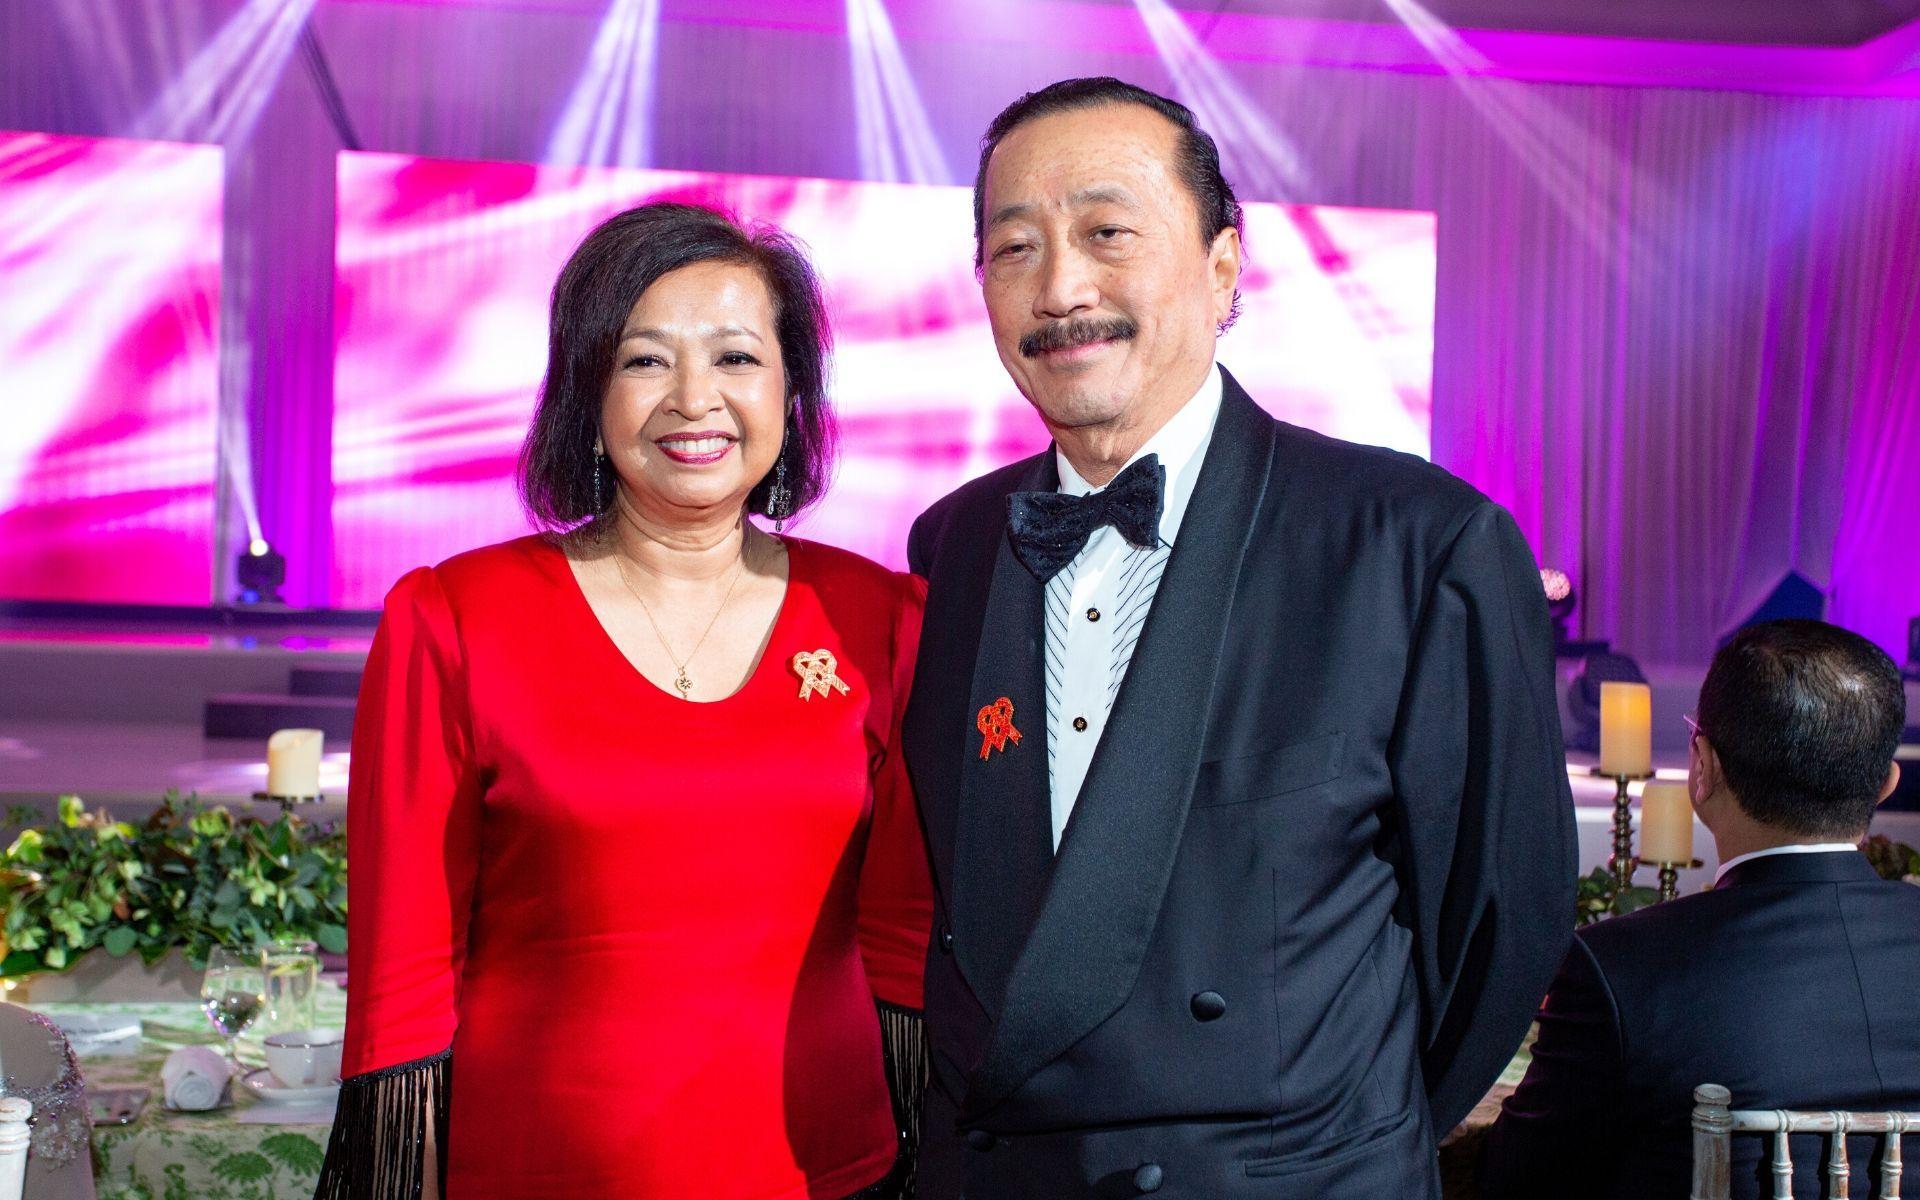 Datin Paduka Marina Mahathir and Tan Sri Vincent Tan